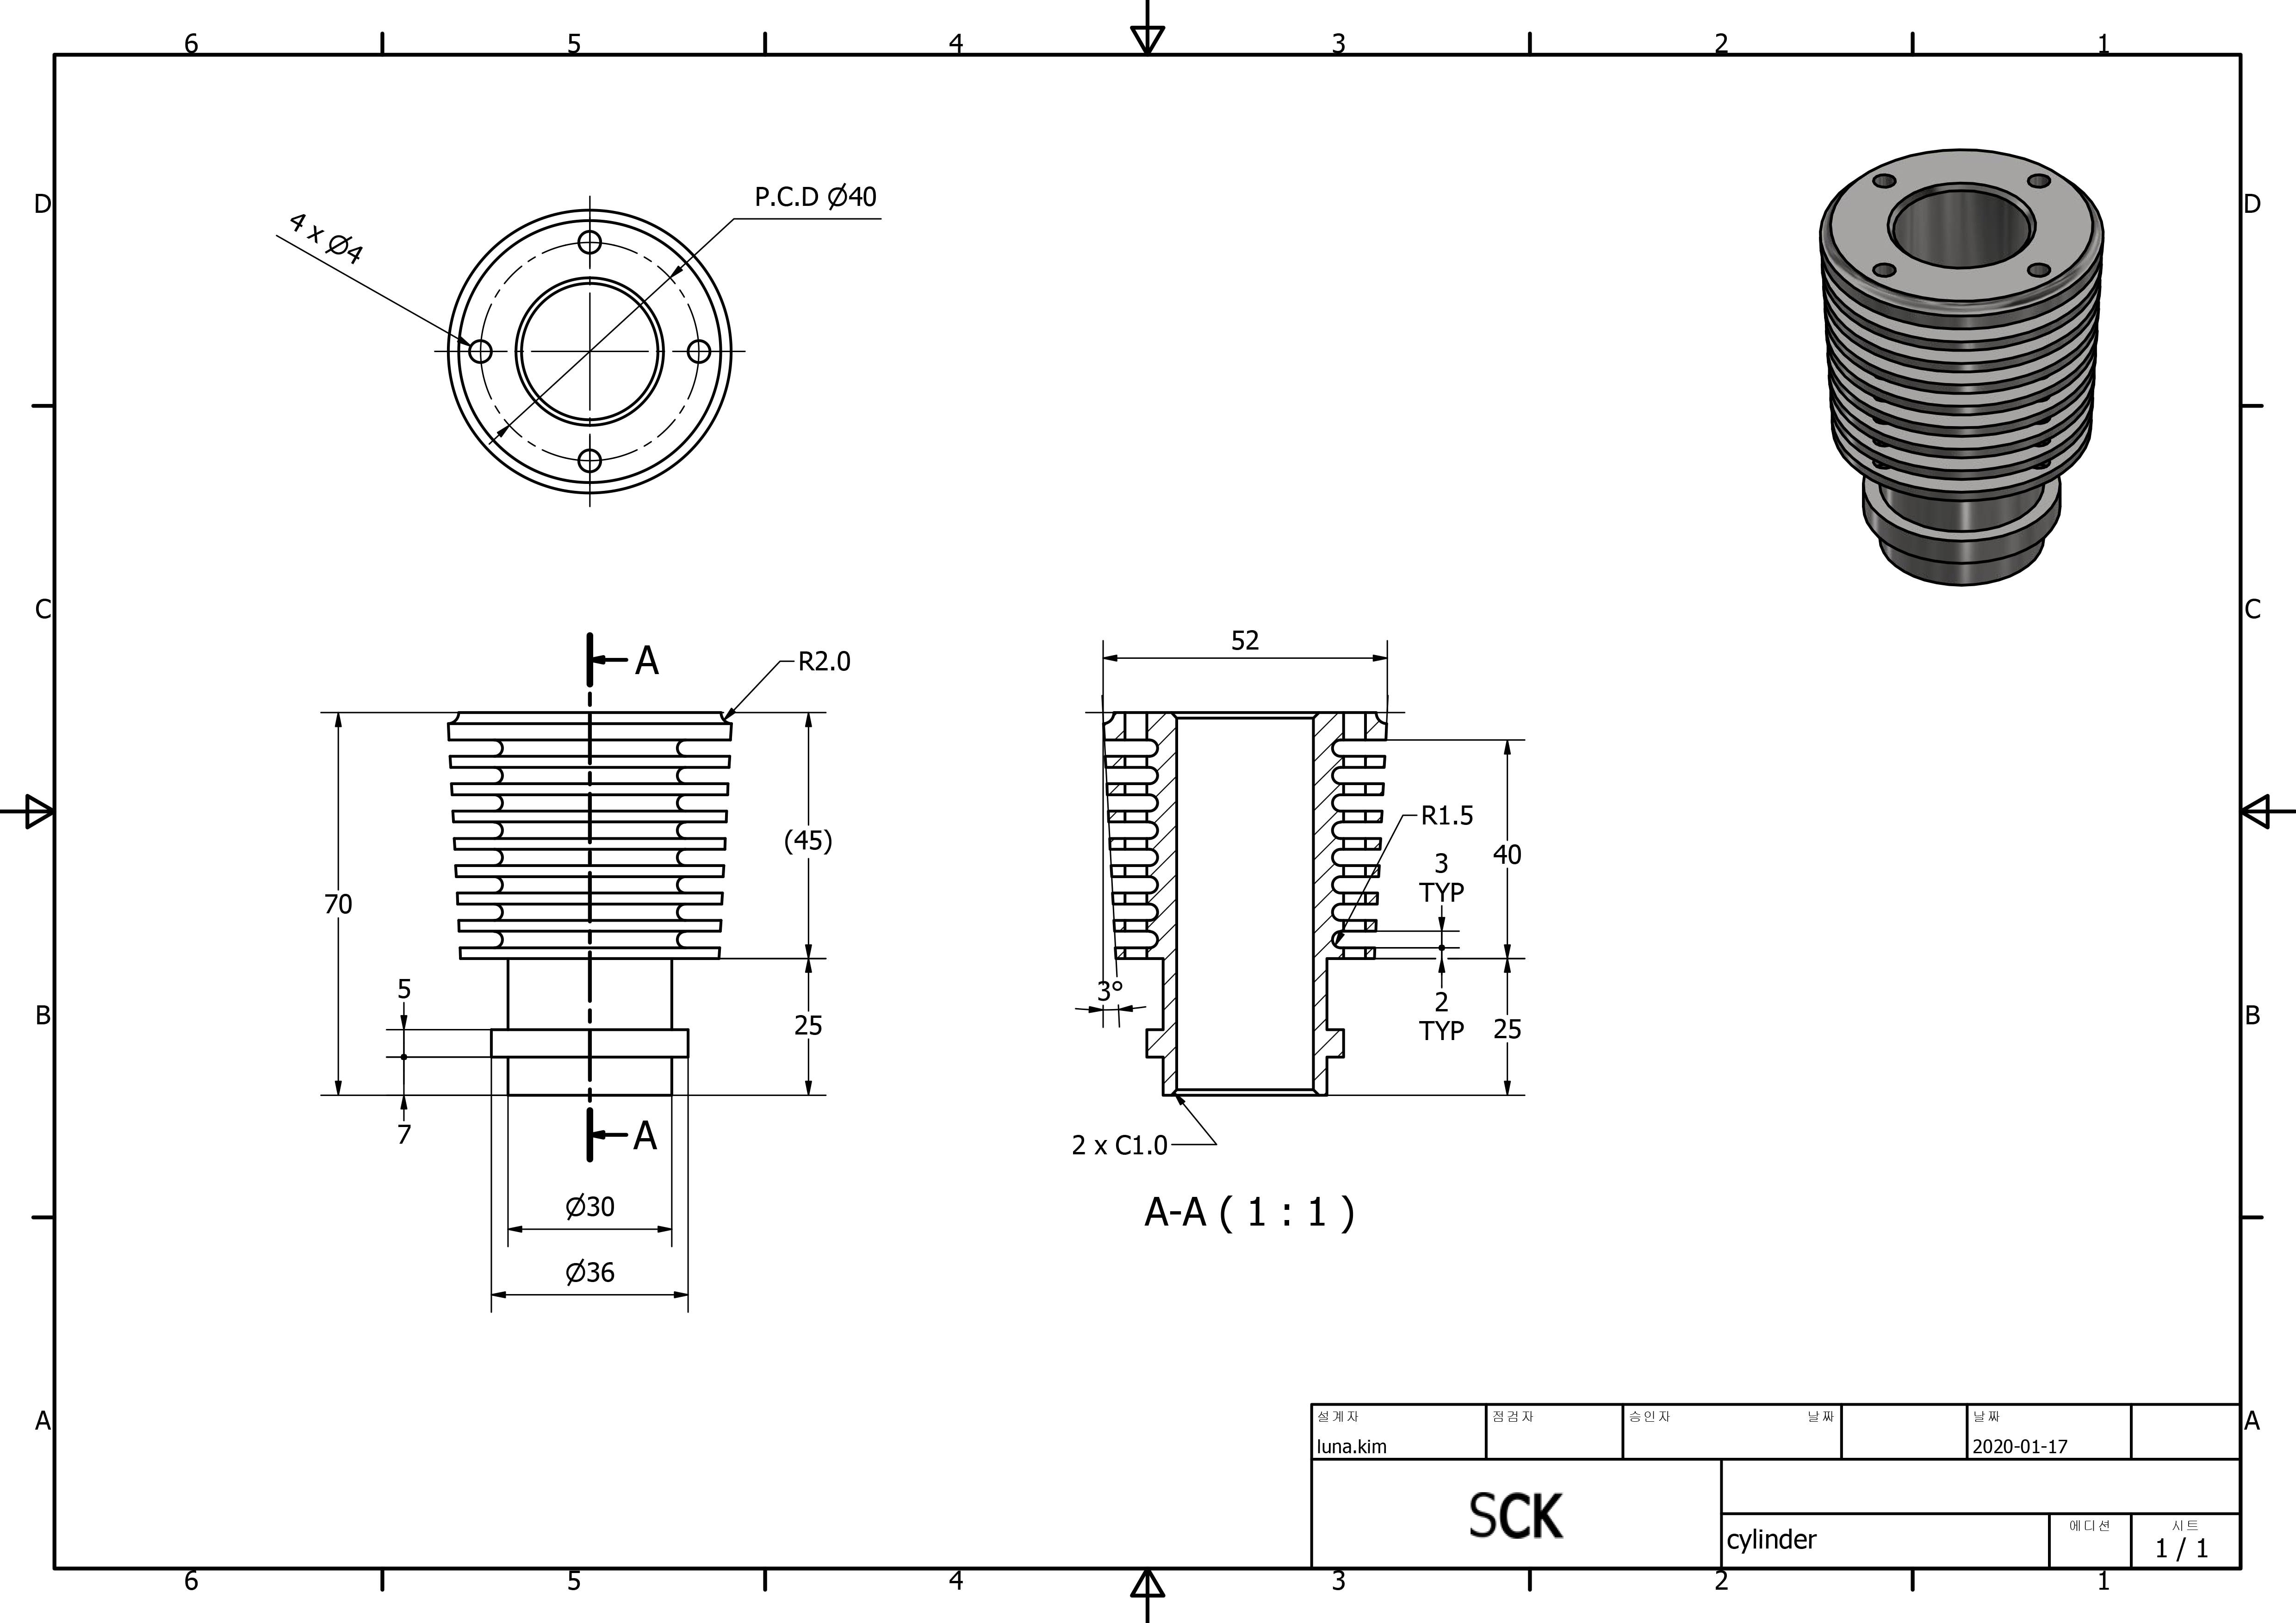 2. 면에 구배(제도) 적용하고, 반전 R까지_실린더 모델링